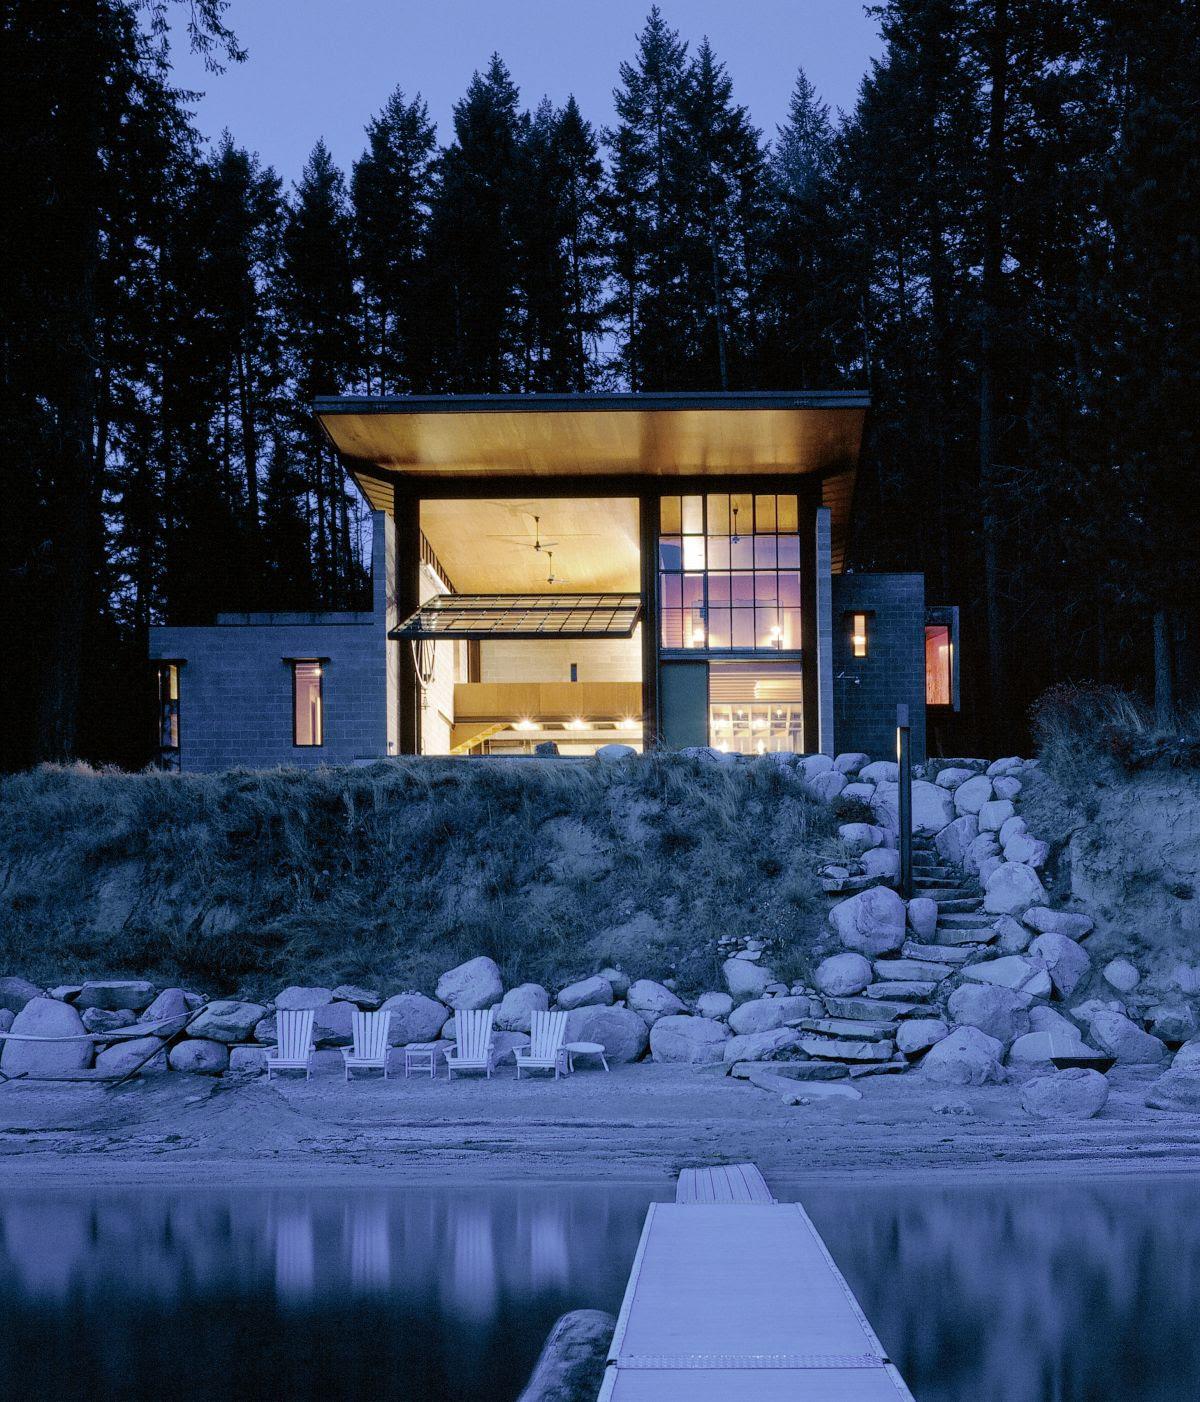 Chicken Point Cabin - Olson Kundig Architects